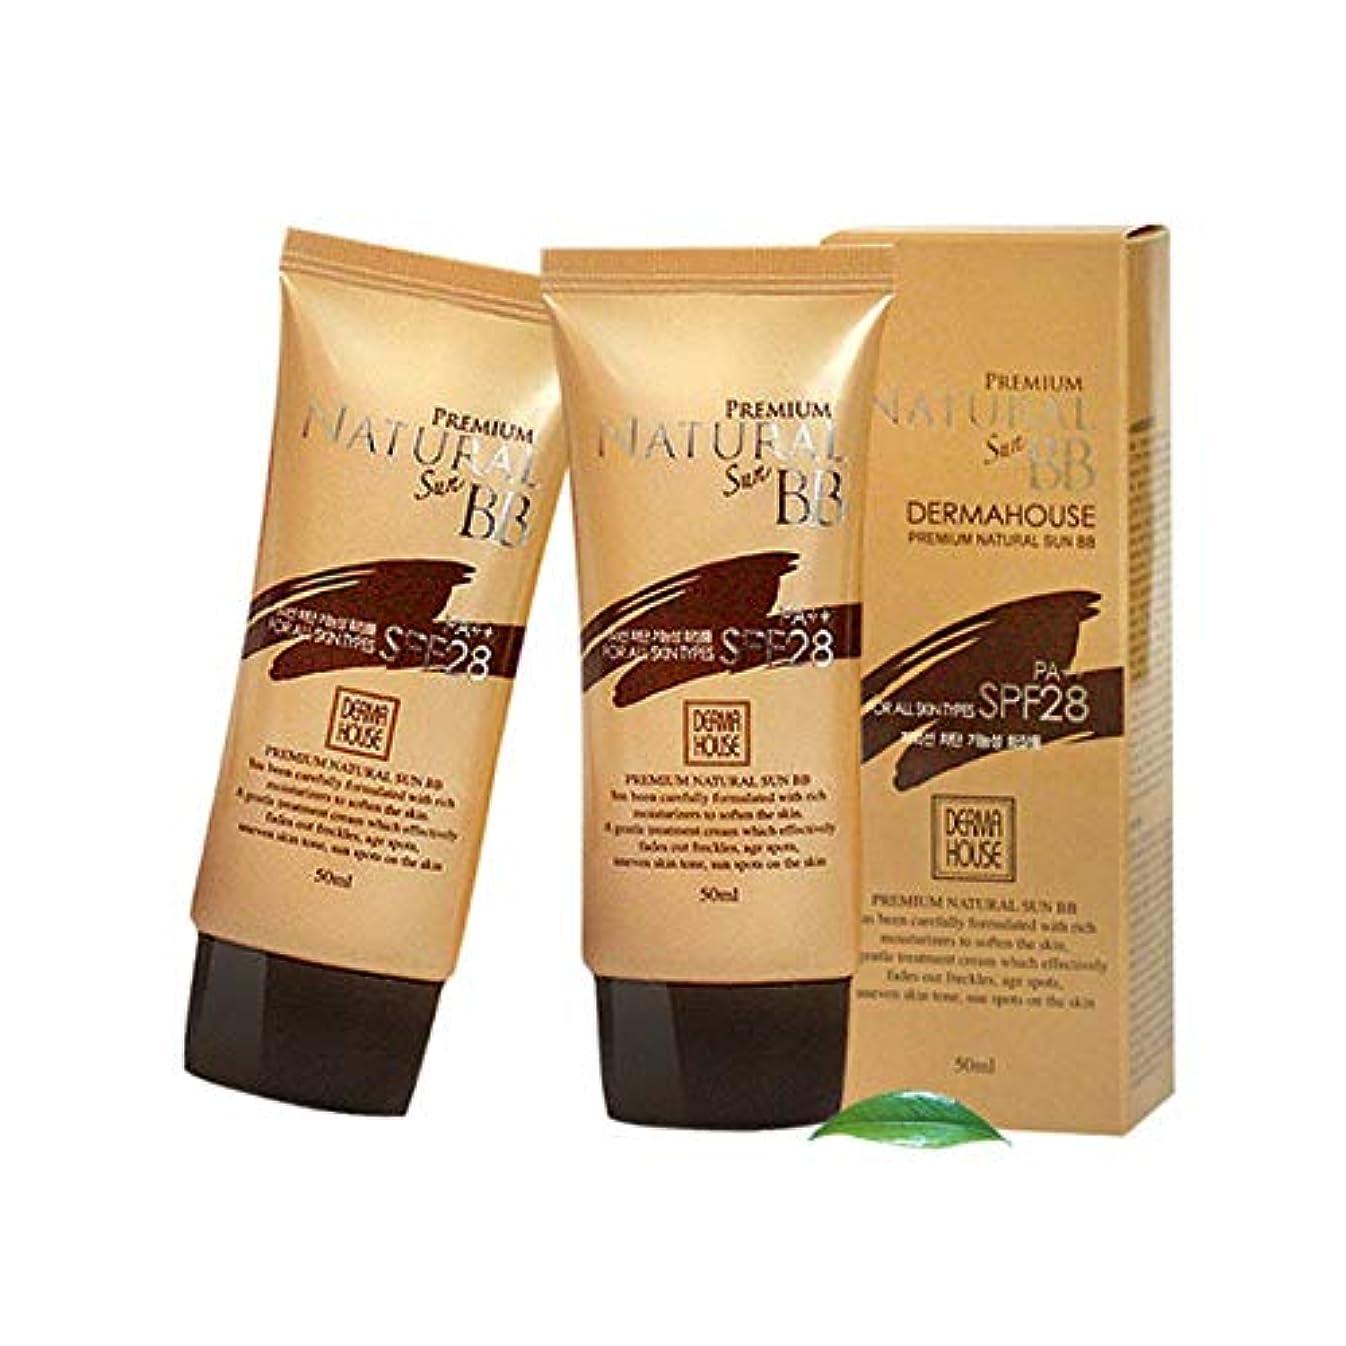 鉛バレーボール哀ダーマハウスプレミアムナチュラルサンBBクリーム 50mlx2本セット韓国コスメ、Derma House Premium Natural Sun BB Cream 50ml x 2ea Set Korean Cosmetics...